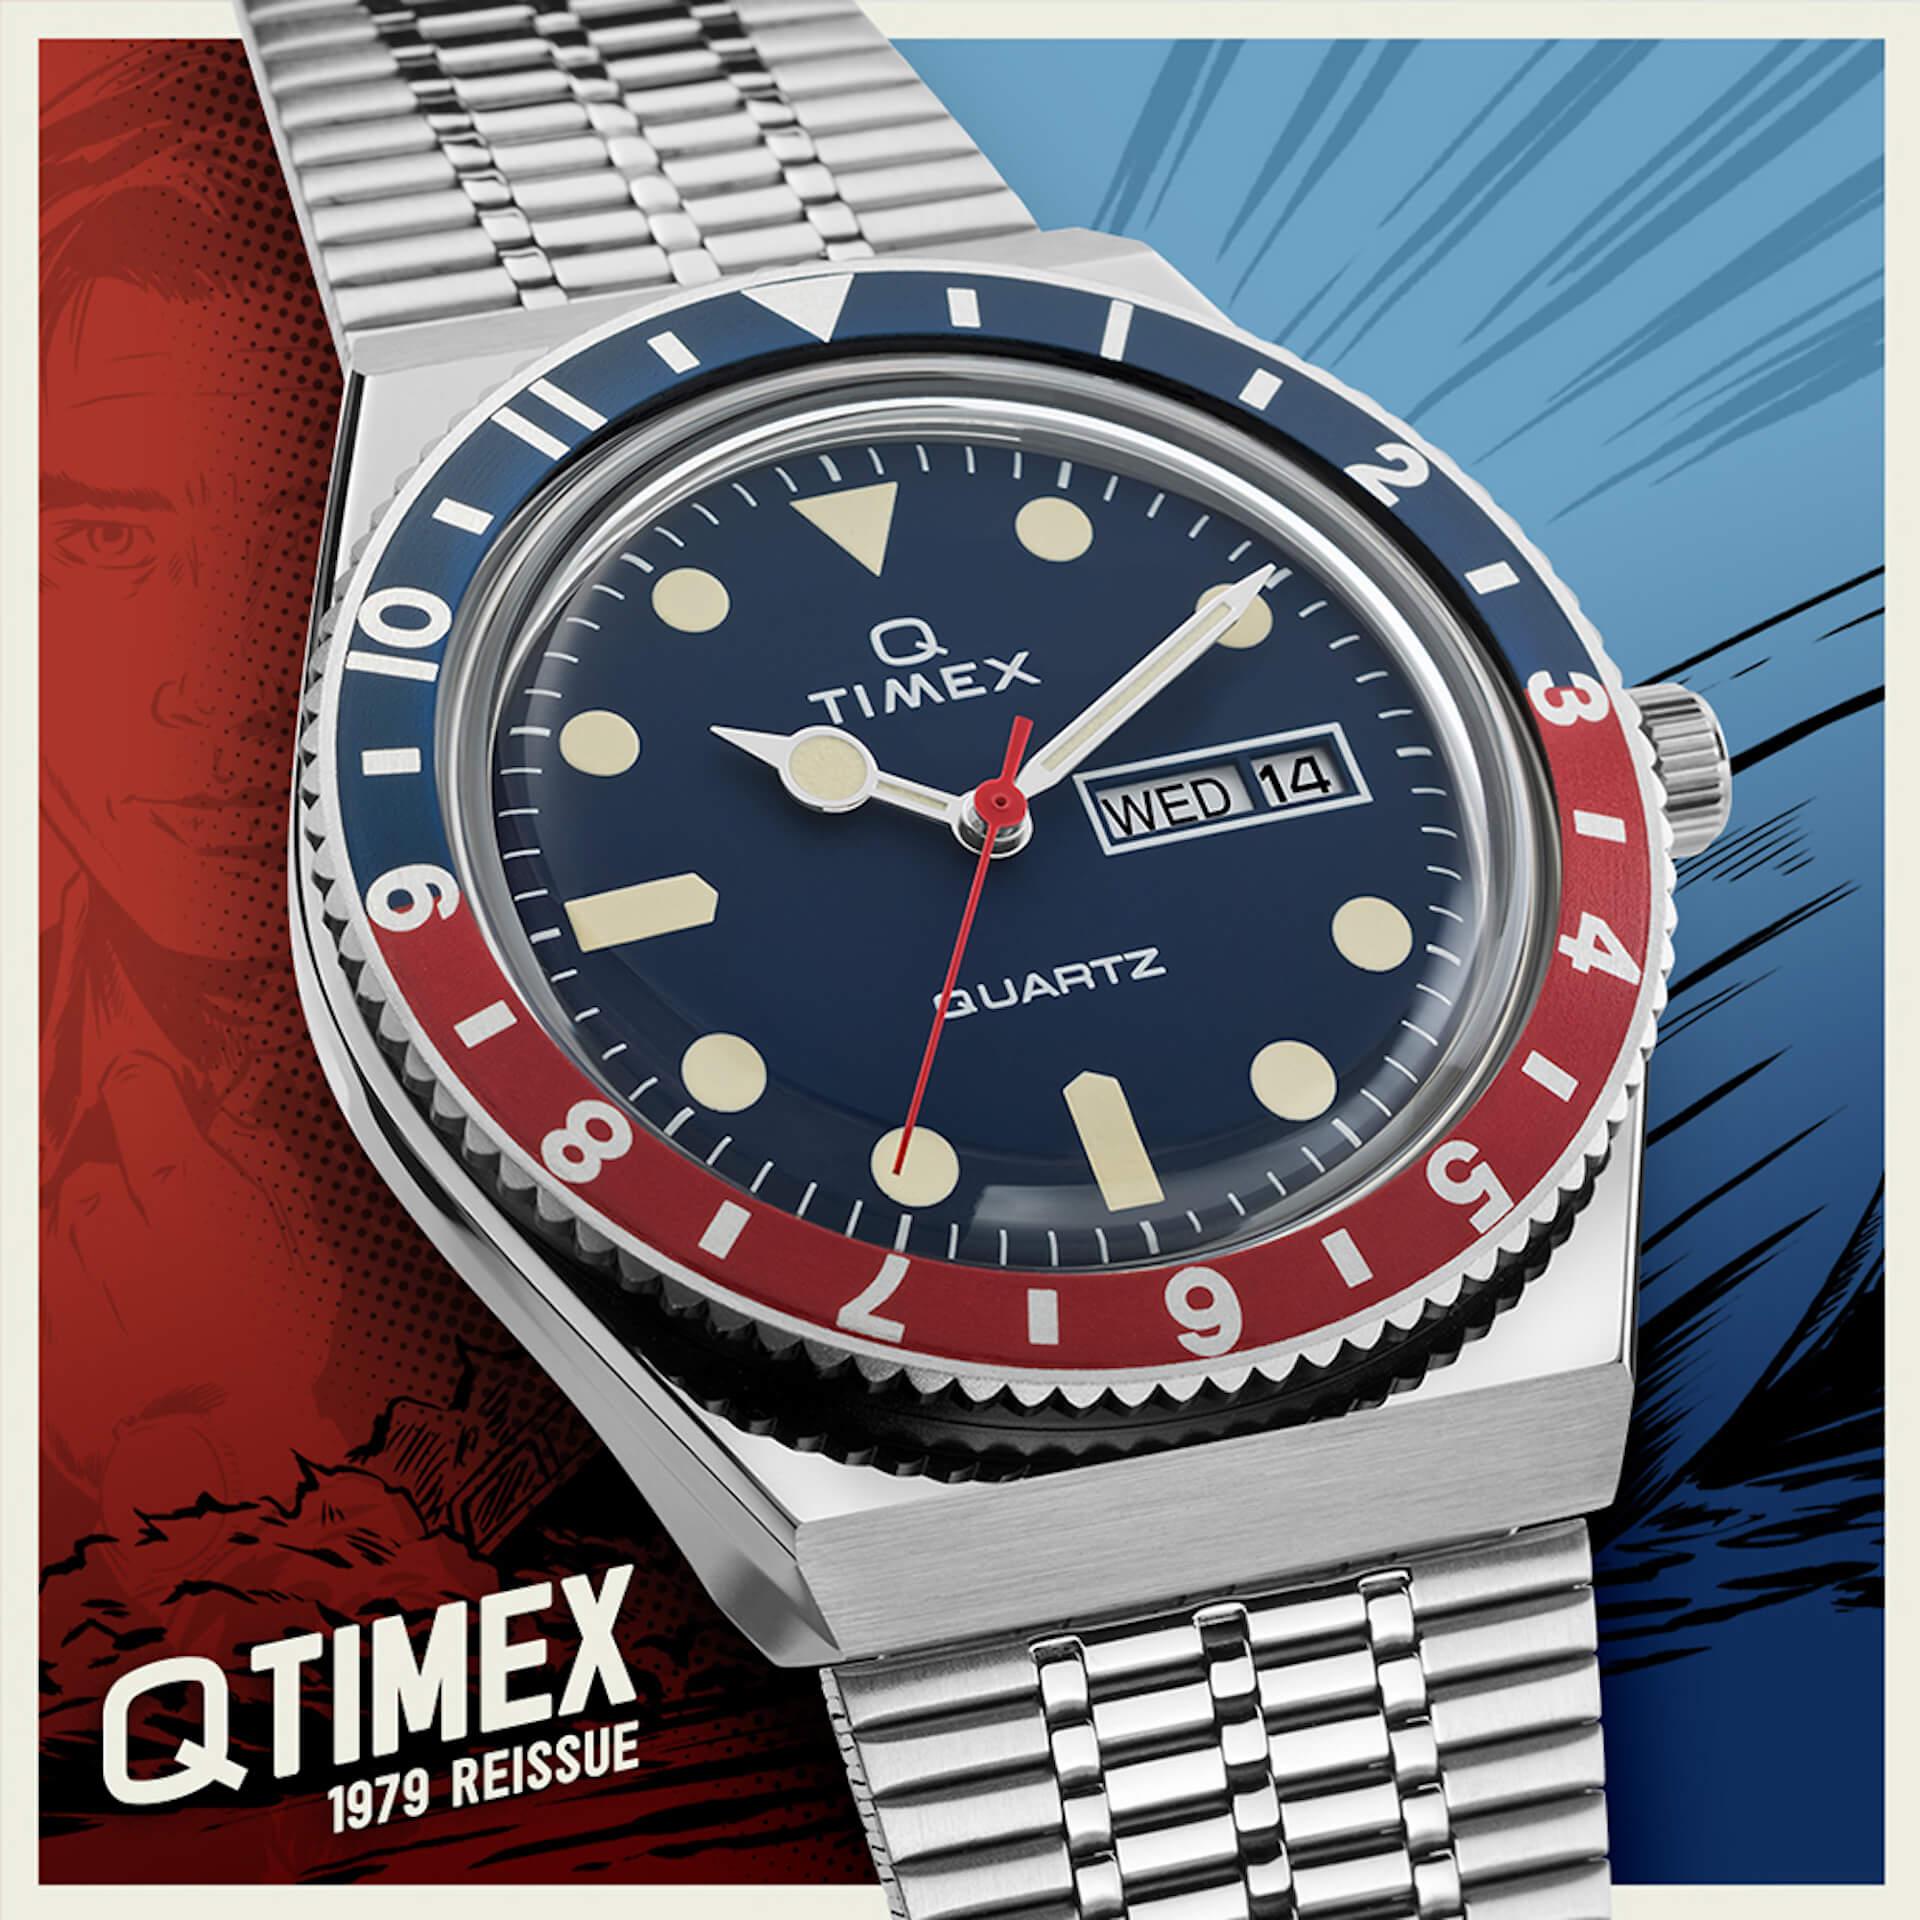 発売わずか30分で完売したTIMEX『Q TIMEX』シリーズが待望の復活!モノクローム、ブラックベゼル、イエローゴールド3種が登場 life210521_timex_qtimex_5